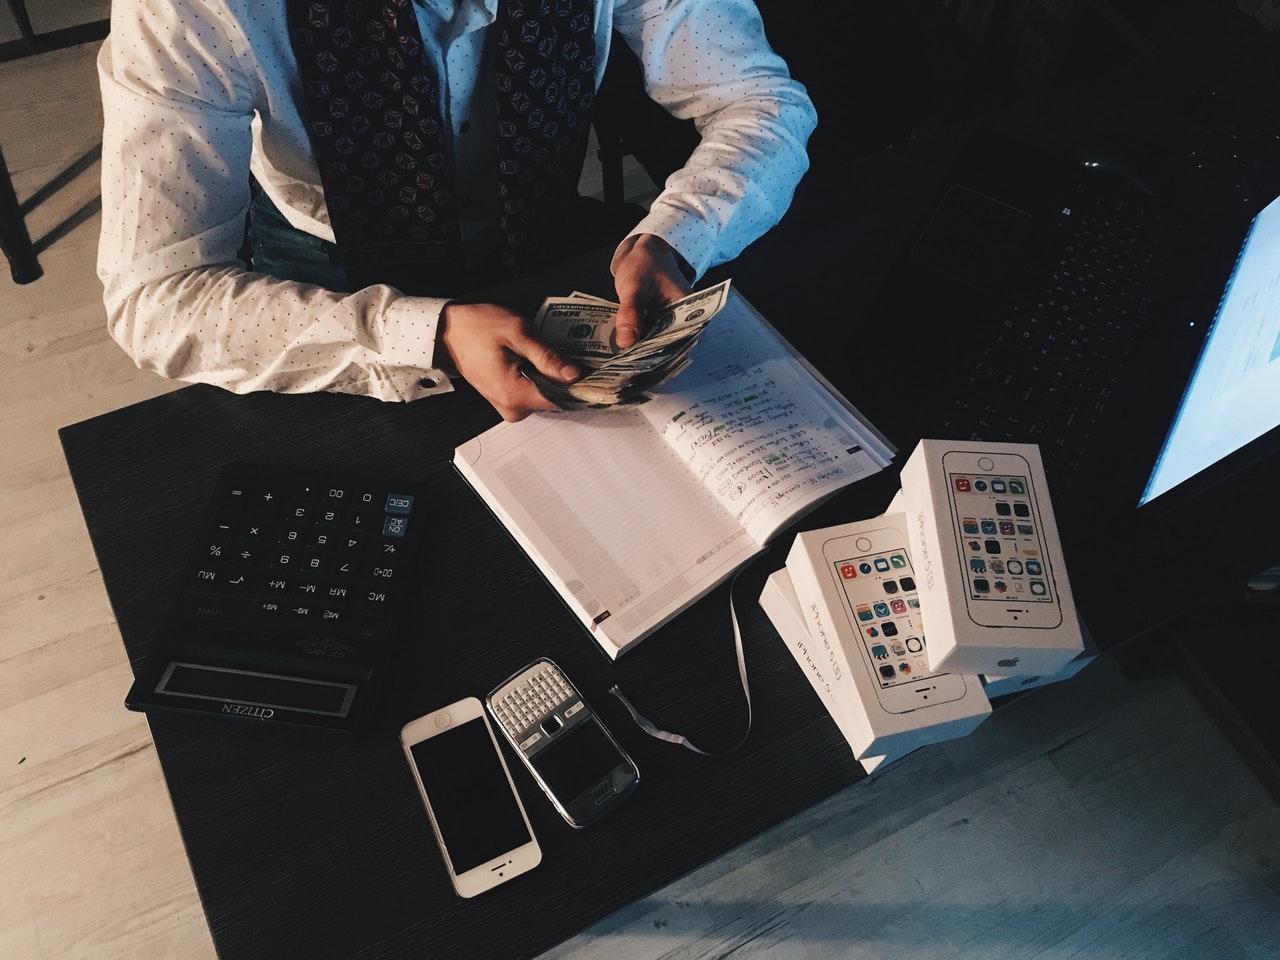 关于出口退税管理系统升级期间停止办理相关业务的提醒